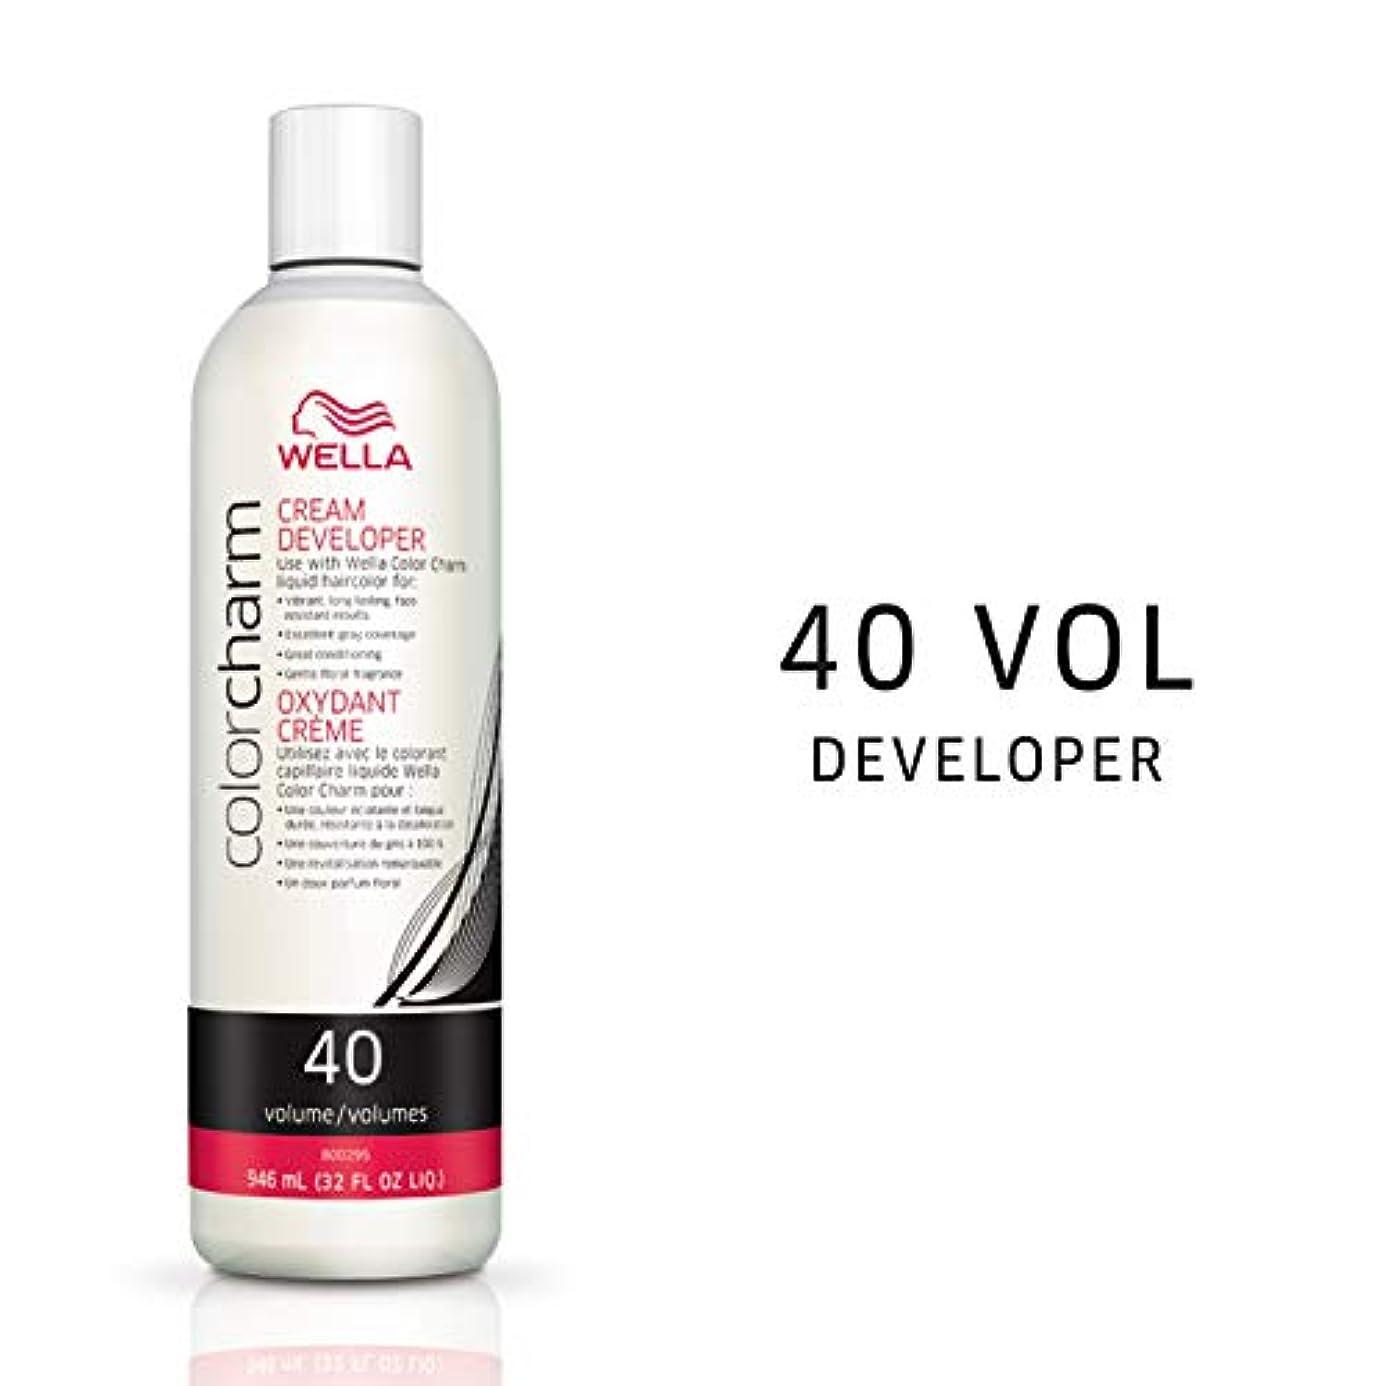 くびれた去るインシデントWella CC Creme 40 Volume 945 ml Developer (並行輸入品)